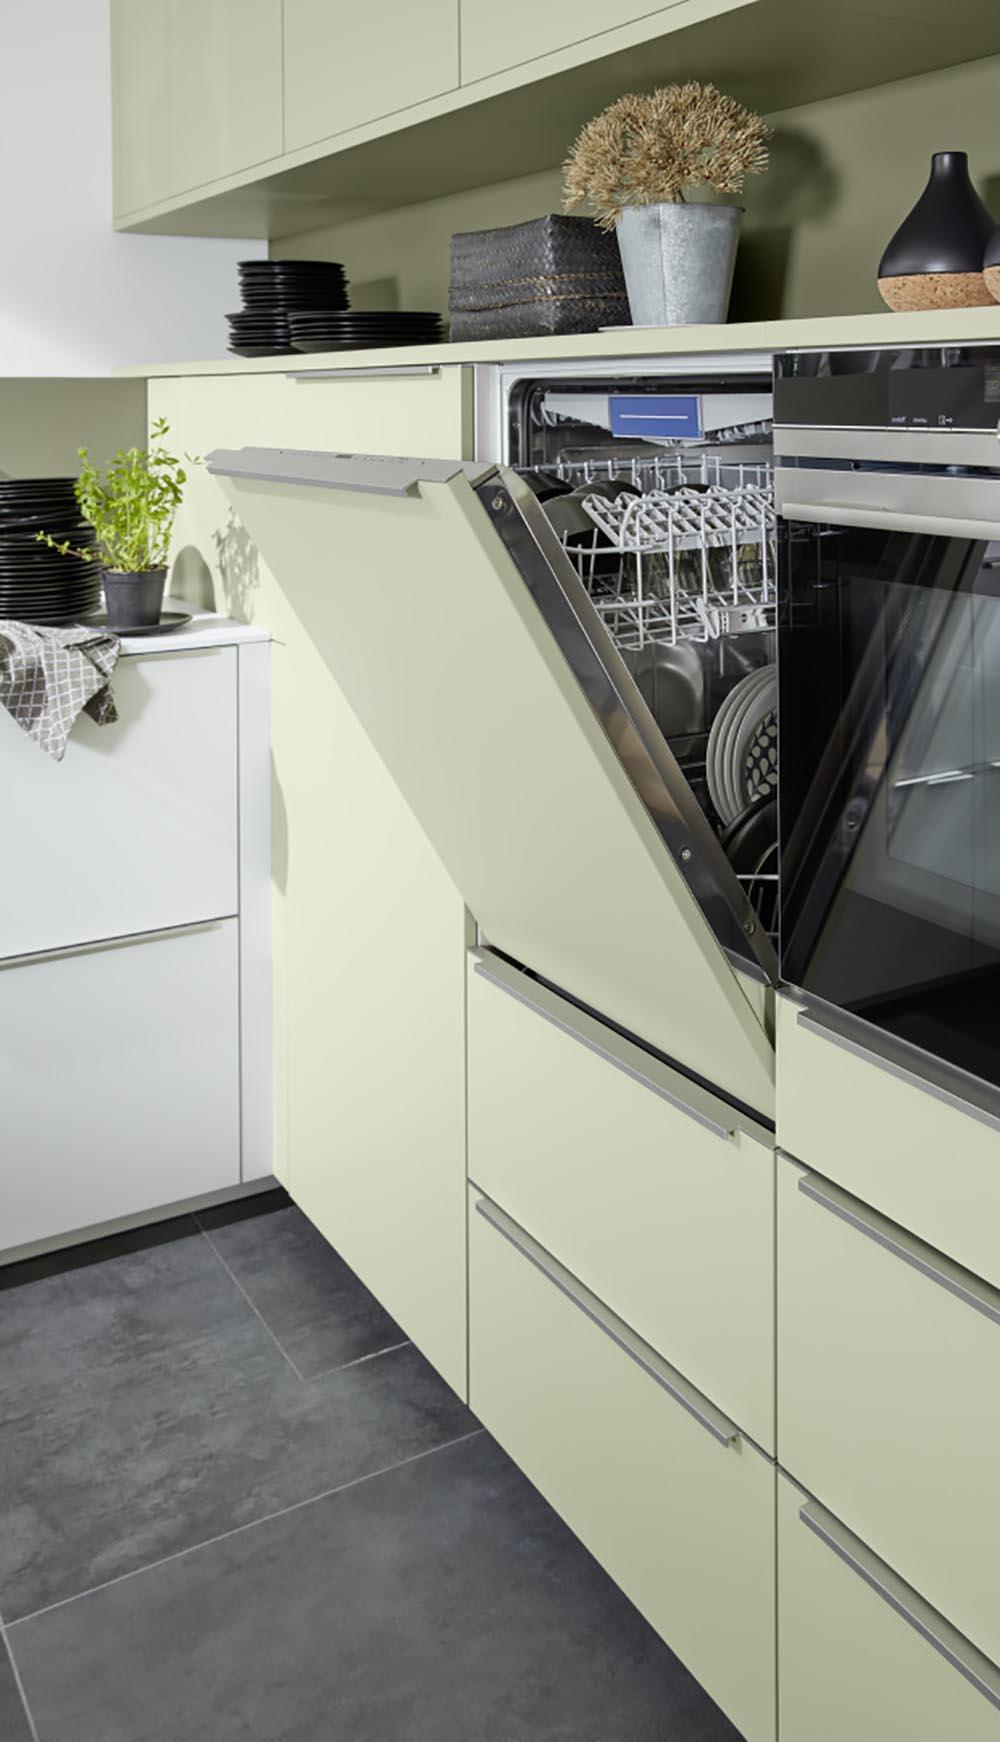 cuisine intérieur Intérieur-Littoz moderne annecy